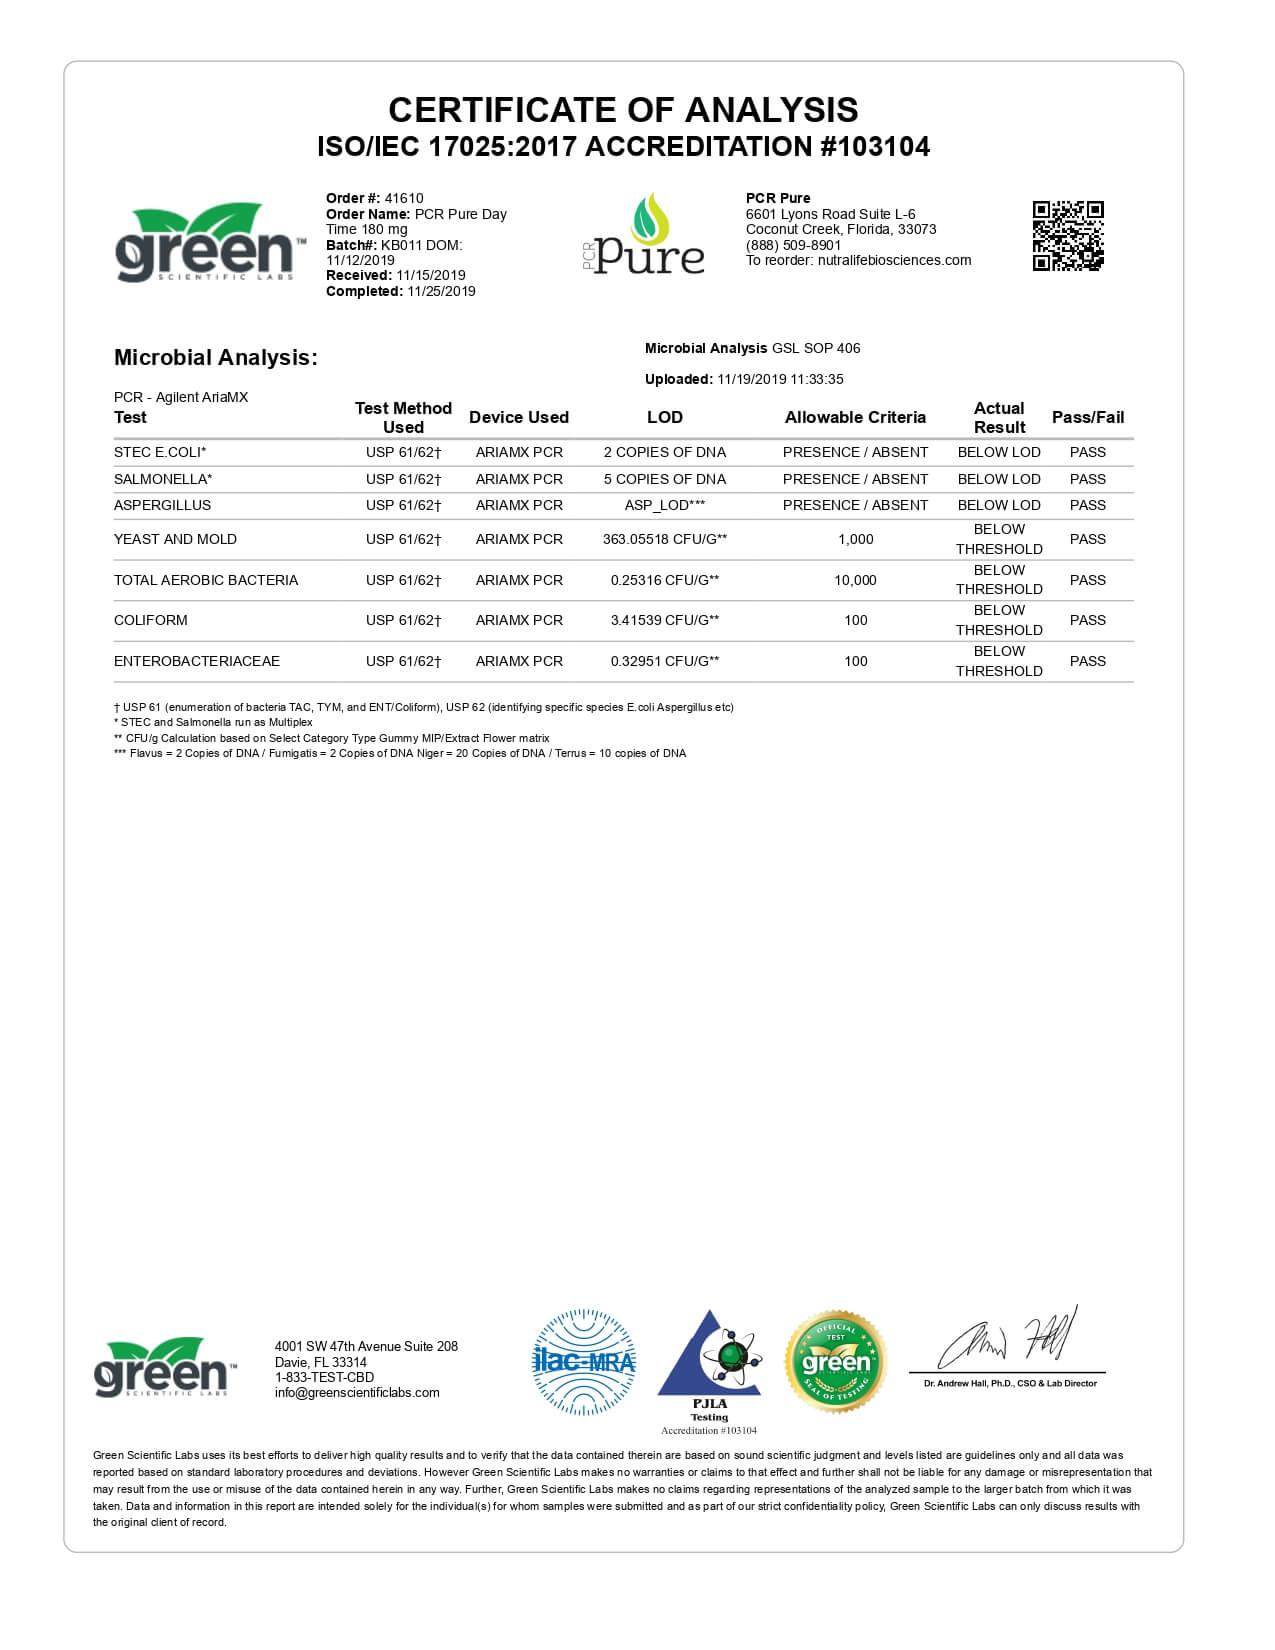 PCR Pure CBD Tincture Spray Full Spectrum Daytime Formula Lab Report